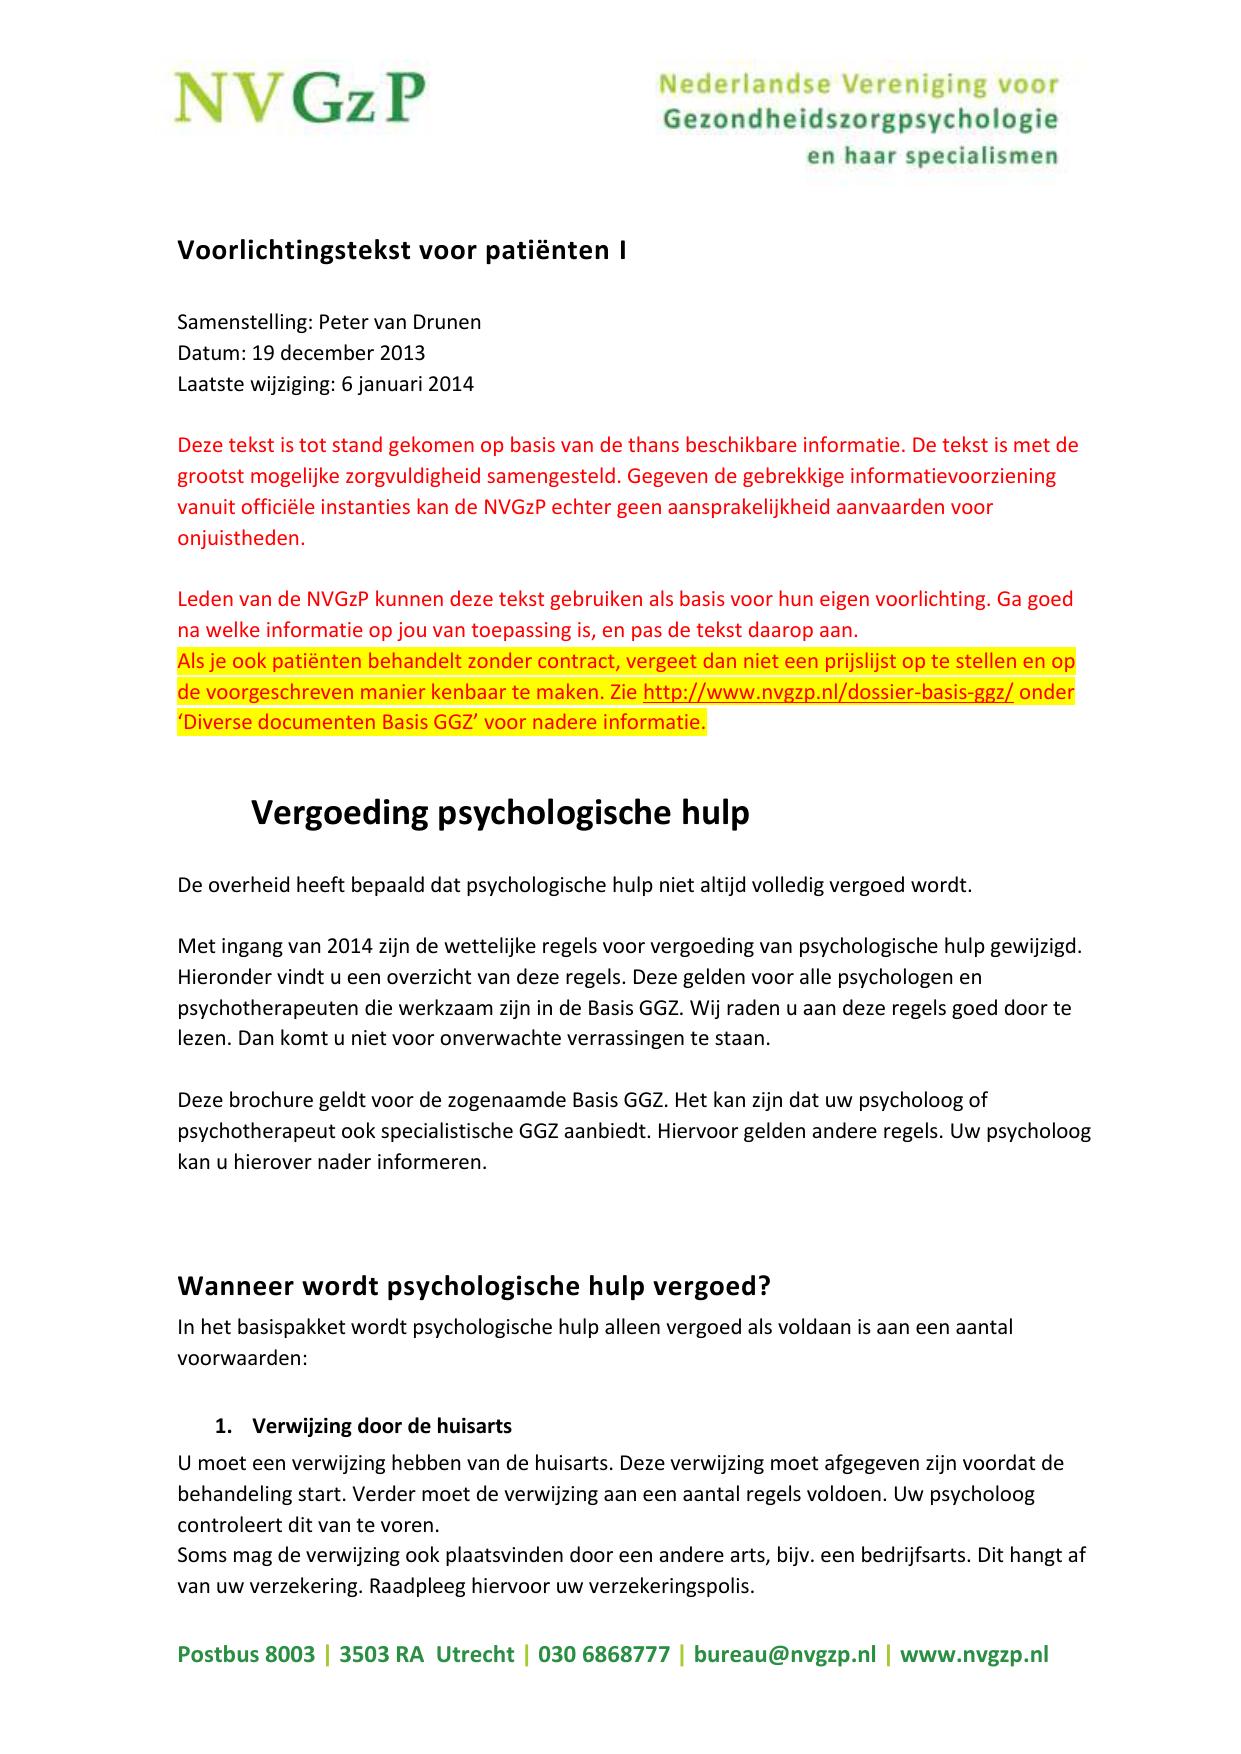 vergoeding psychologische hulp